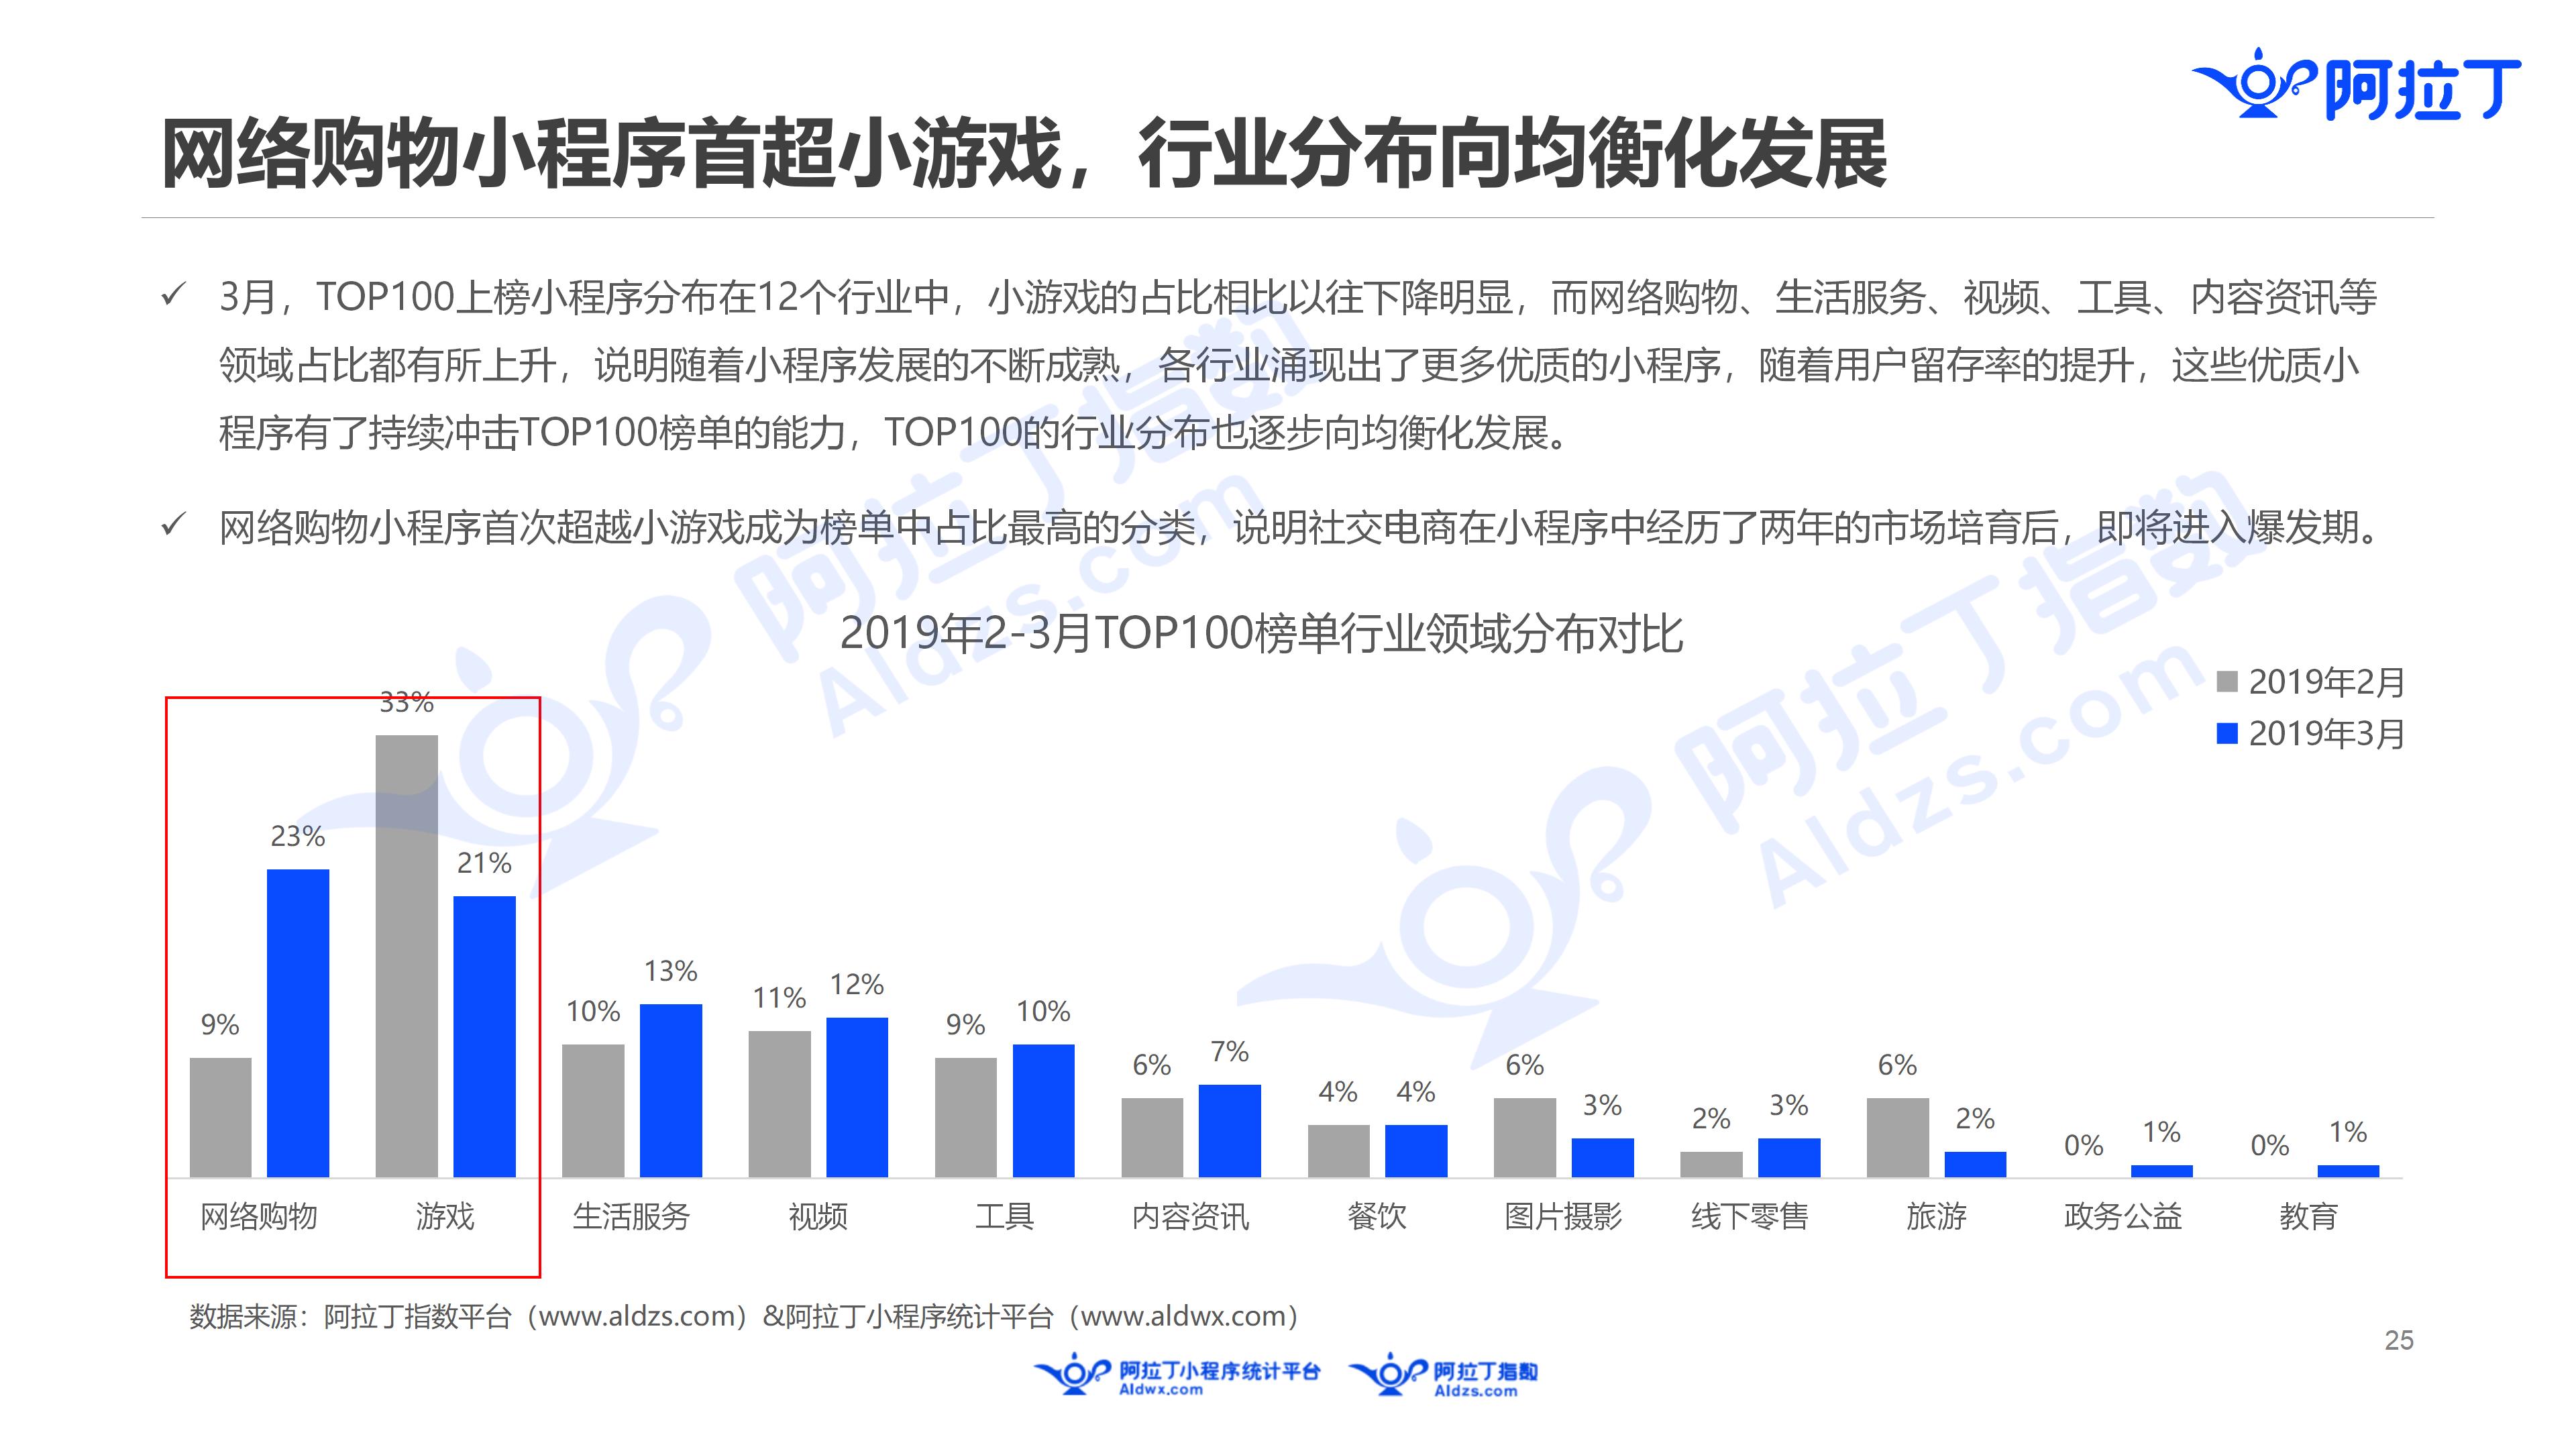 2019年3月中国小程序行业月度报告v5(1)_25.png